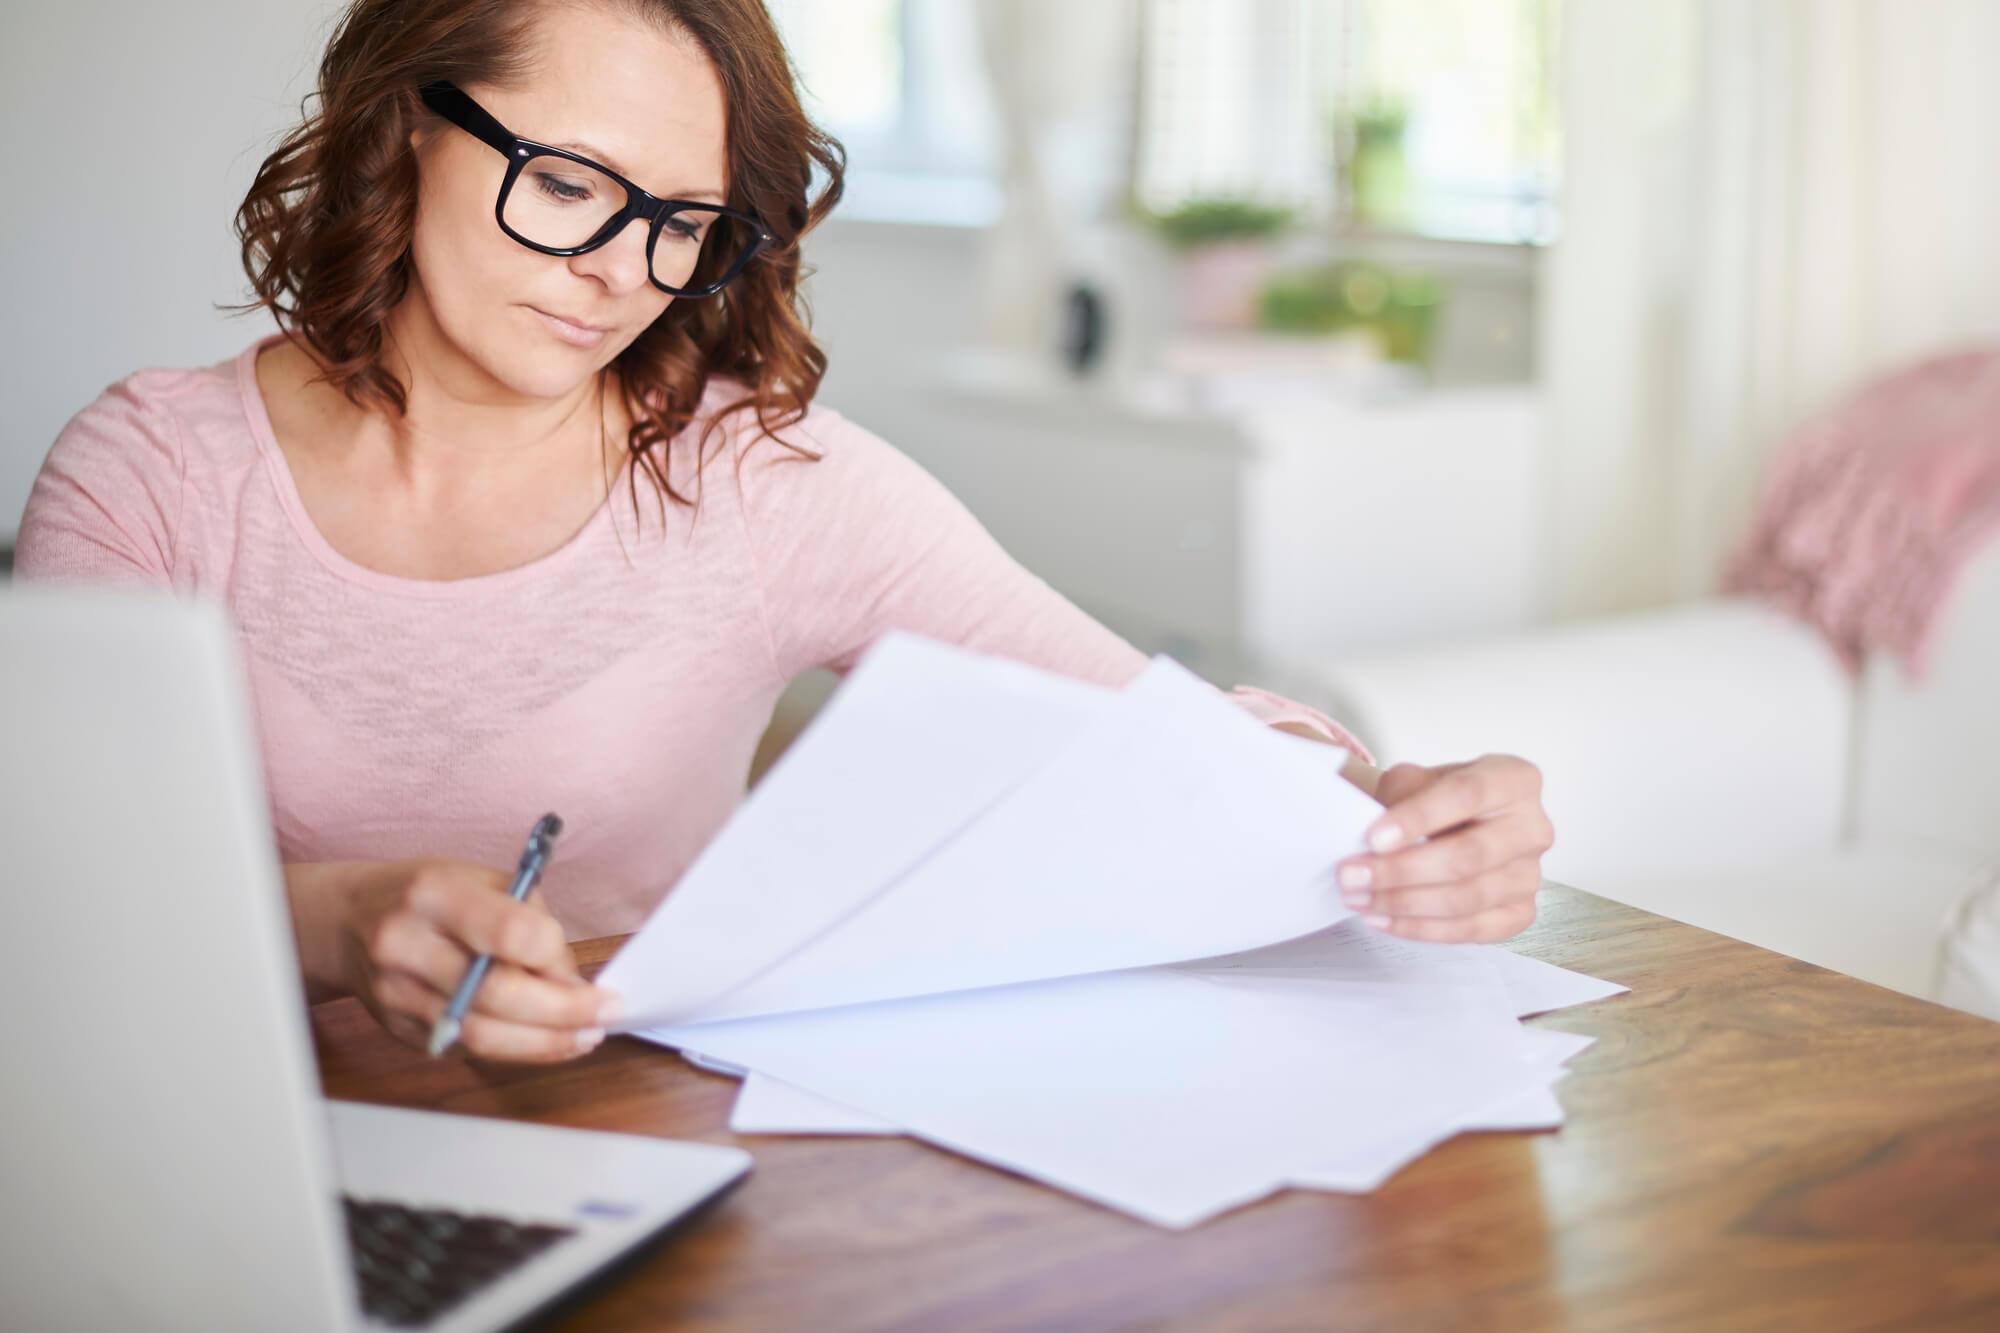 A análise dos documentos para comprar imóvel é fundamental para fazer uma compra segura. Confira quais são eles!